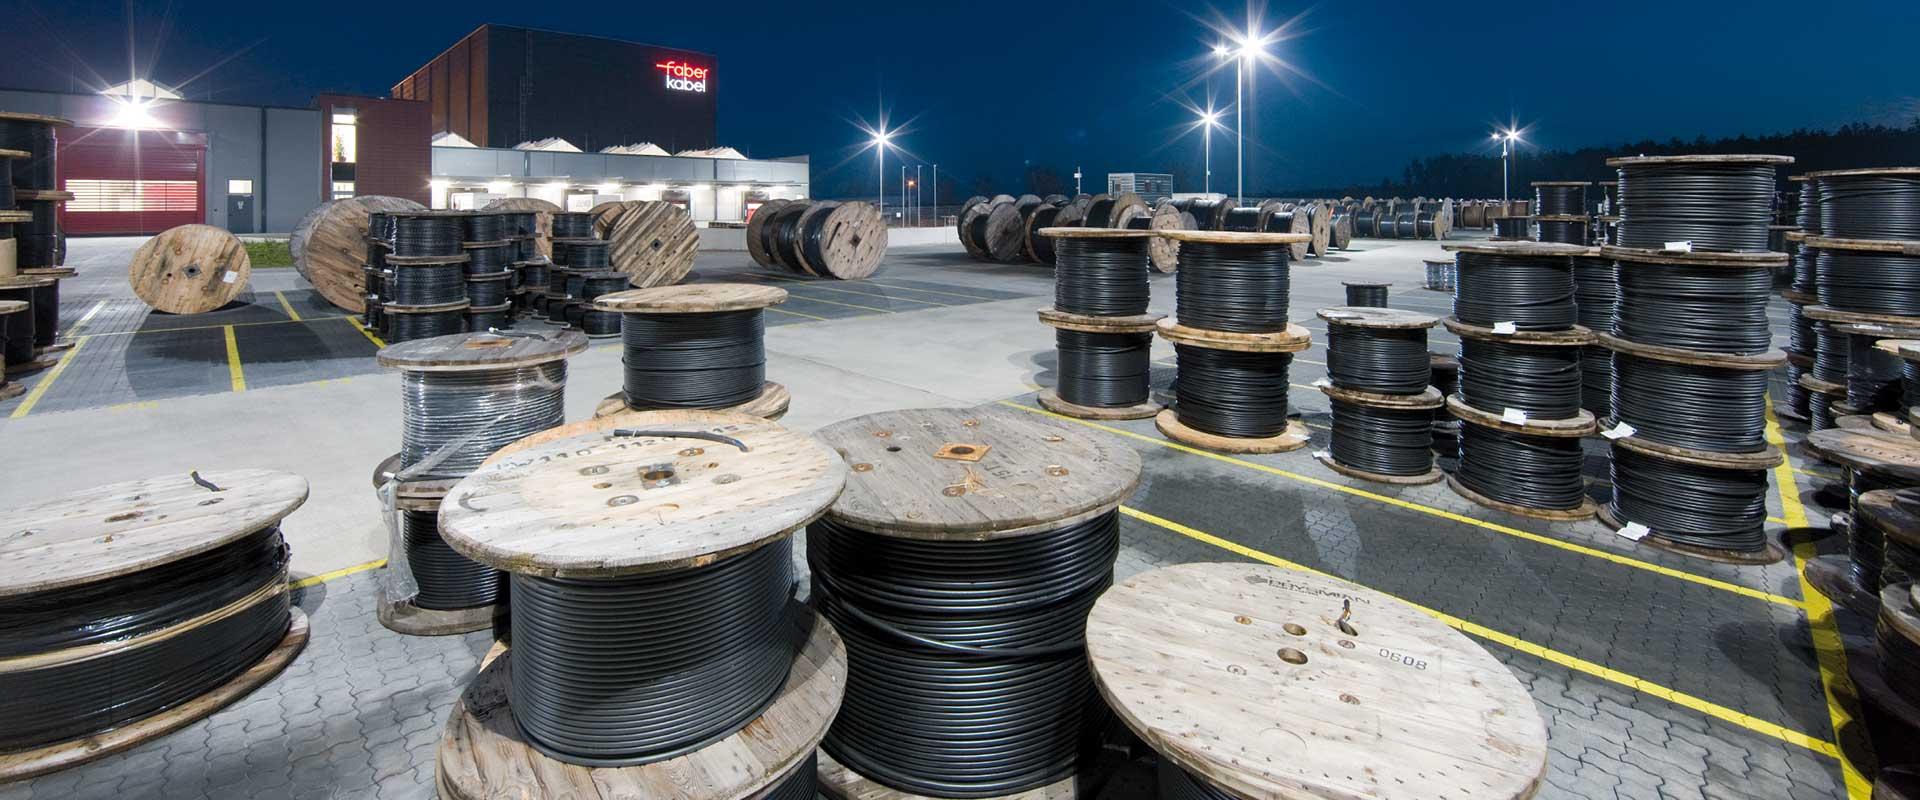 LED-verlichting voor magazijn en logistieke ruimte - TRILUX Benelux